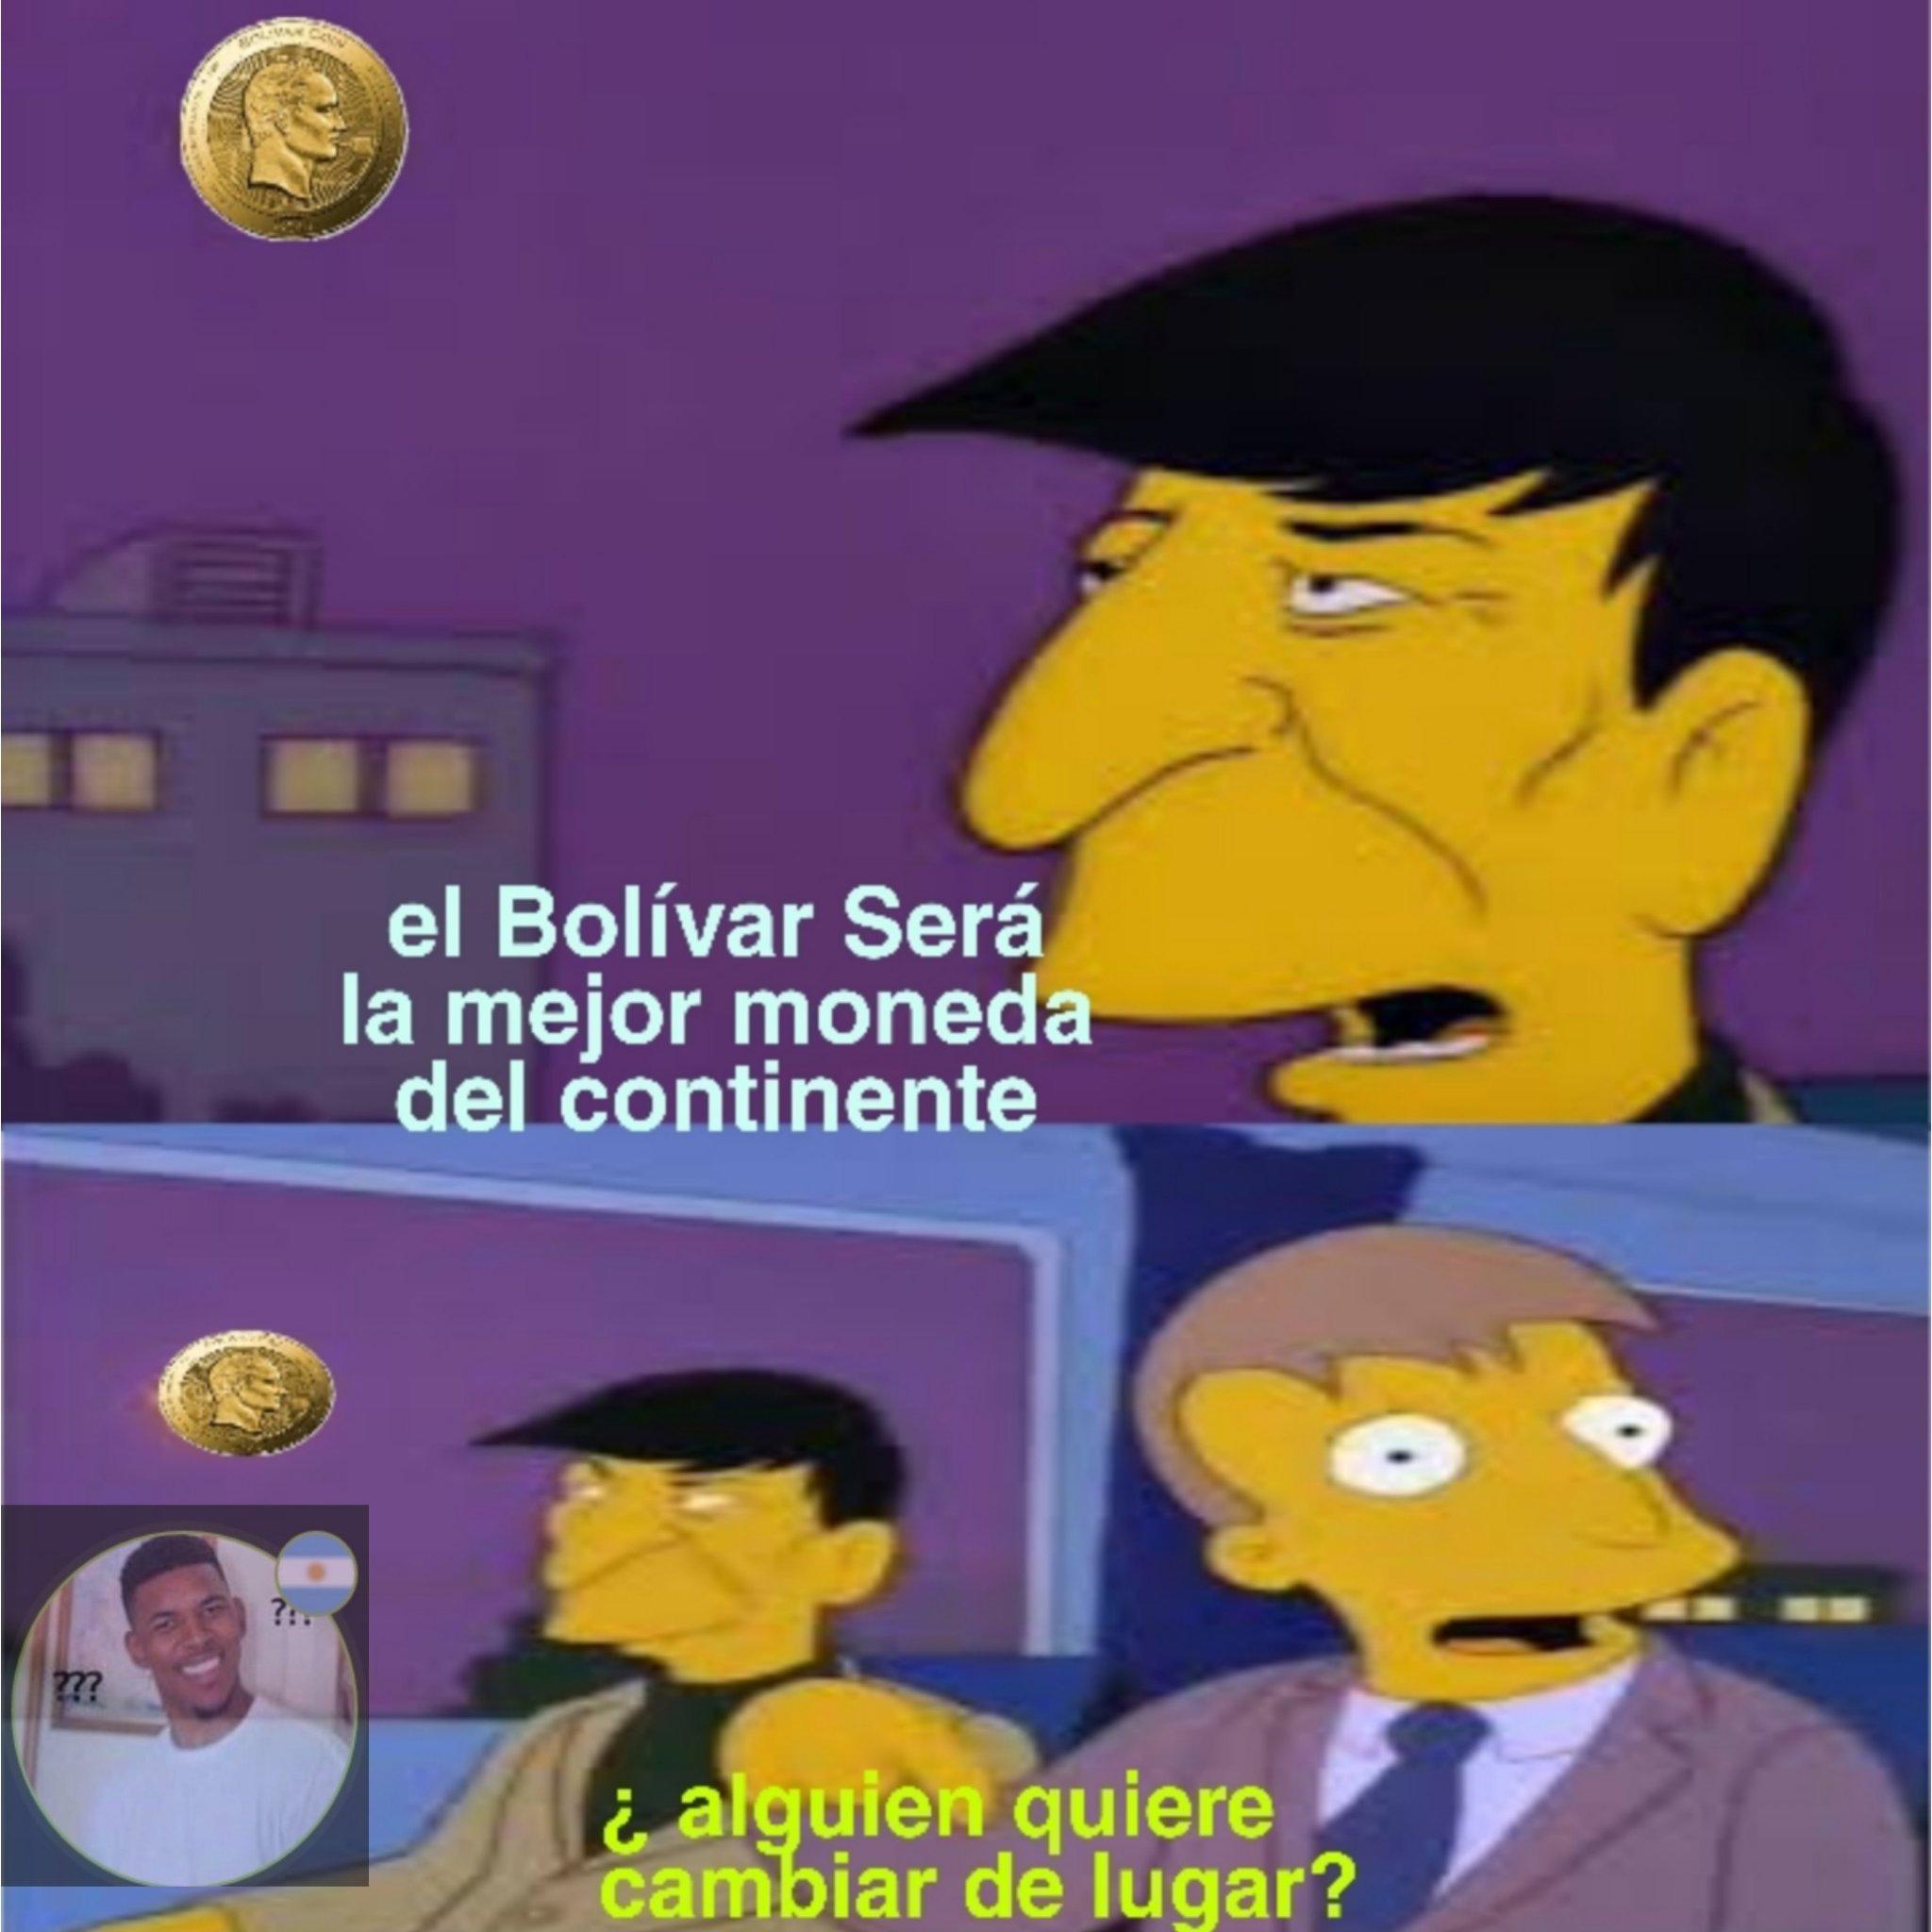 Venezuela 2 - meme